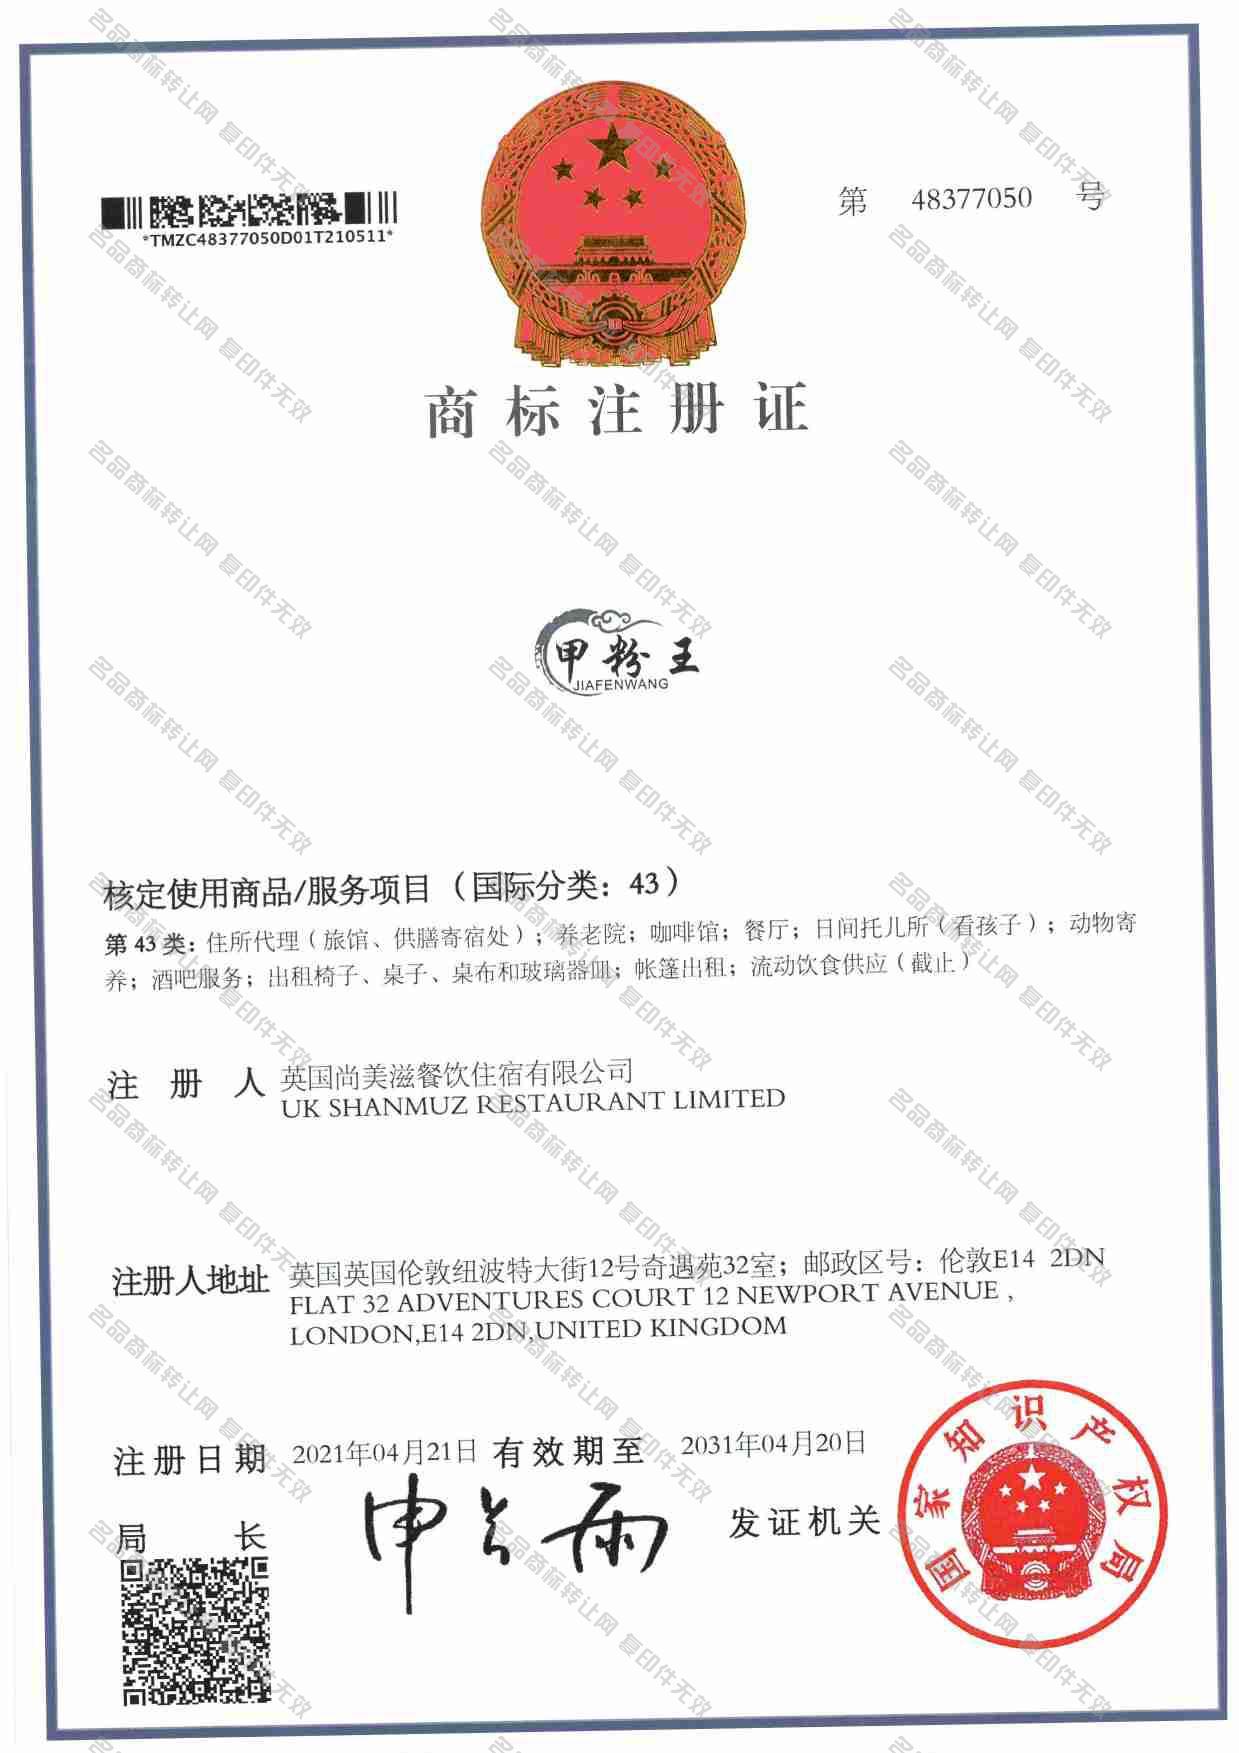 甲粉王注册证